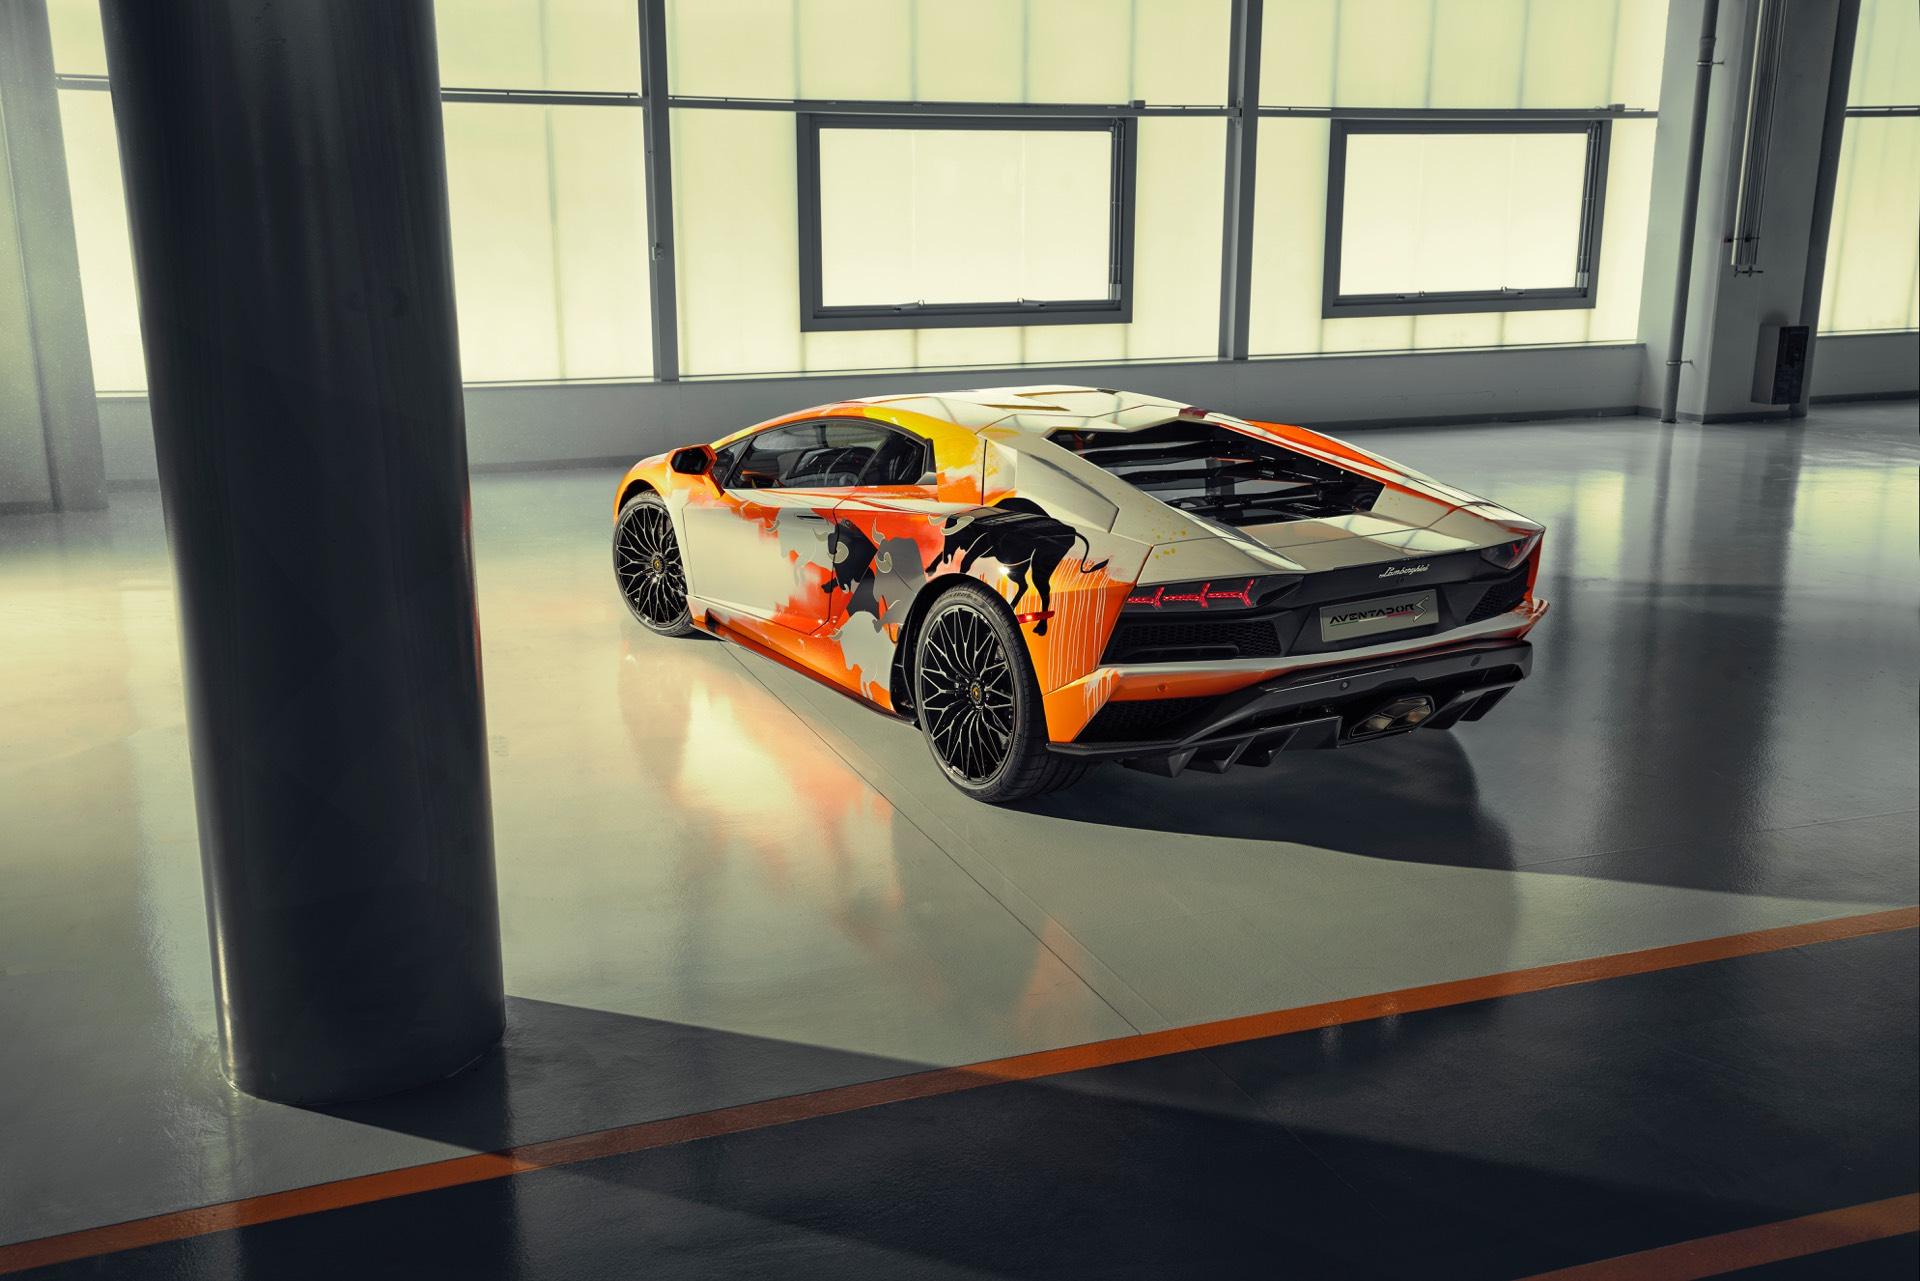 Skyler-Grey-Lamborghini-Aventador-S-Art-Car22